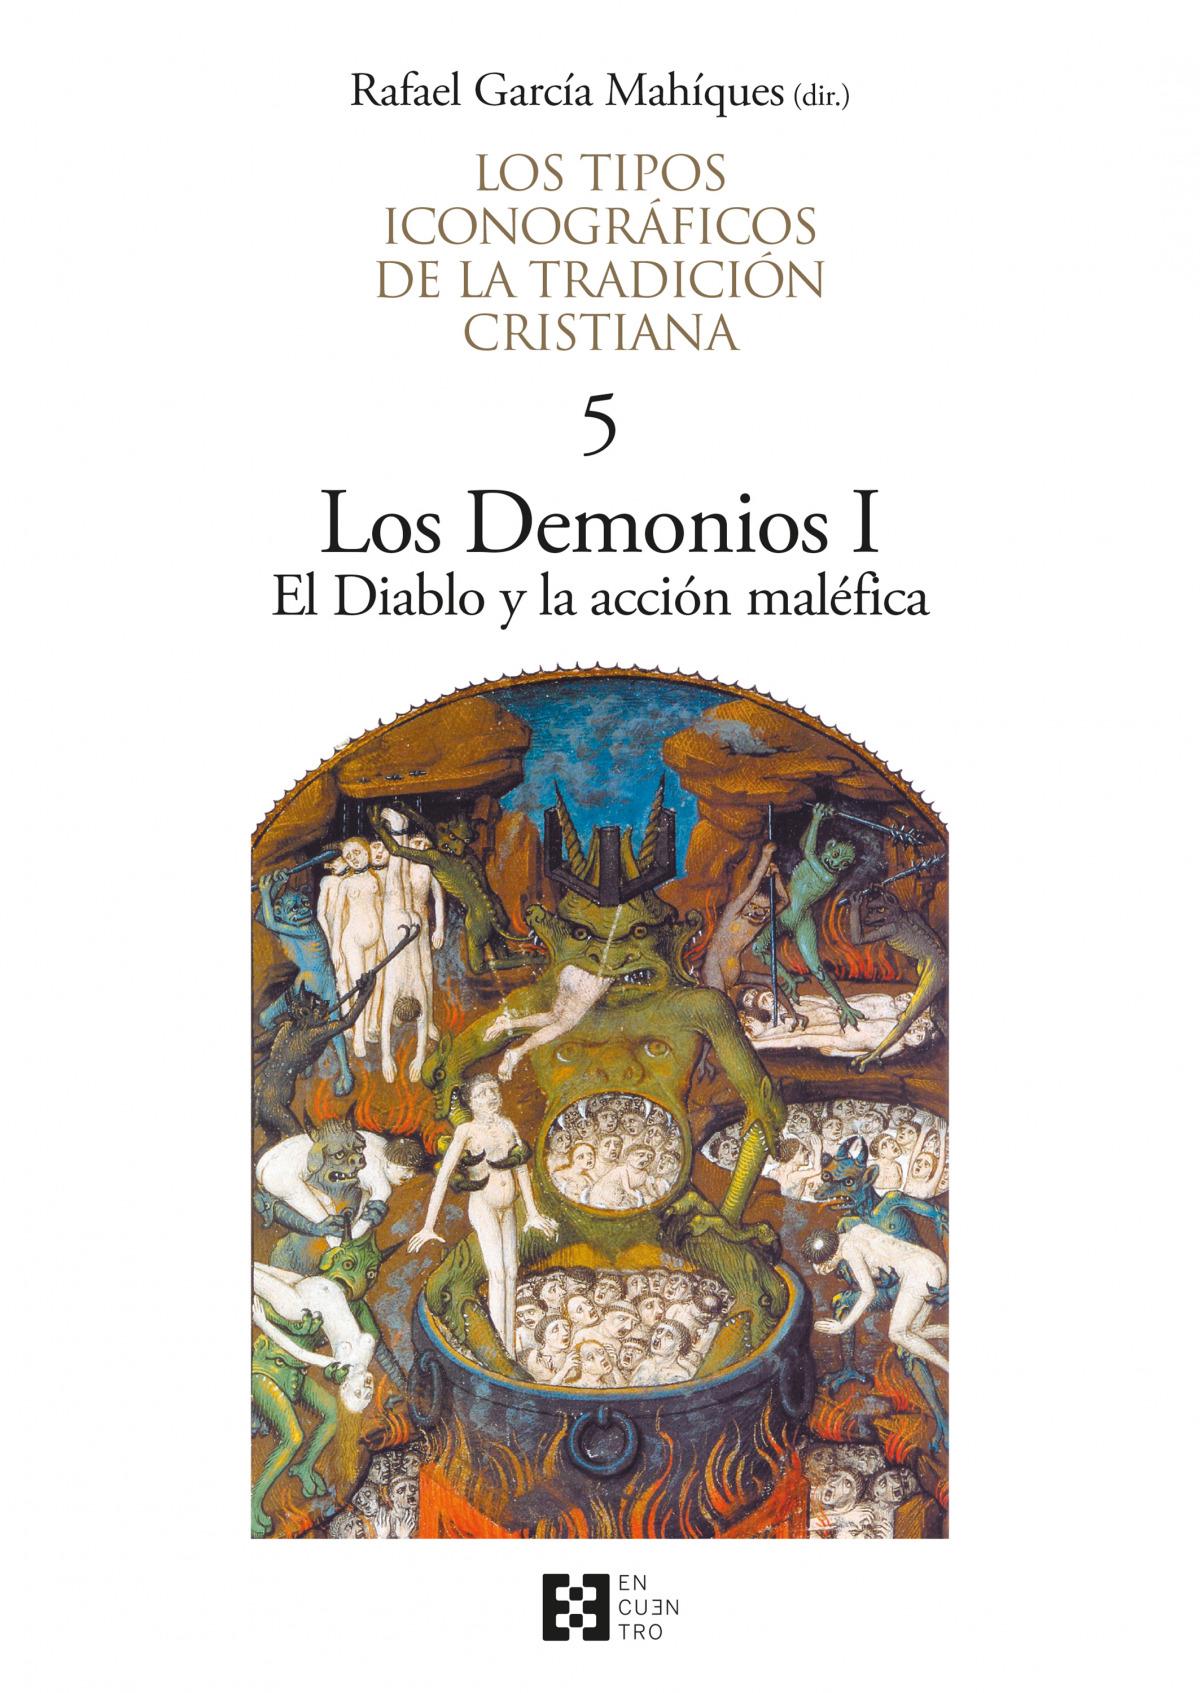 LOS DEMONIOS I